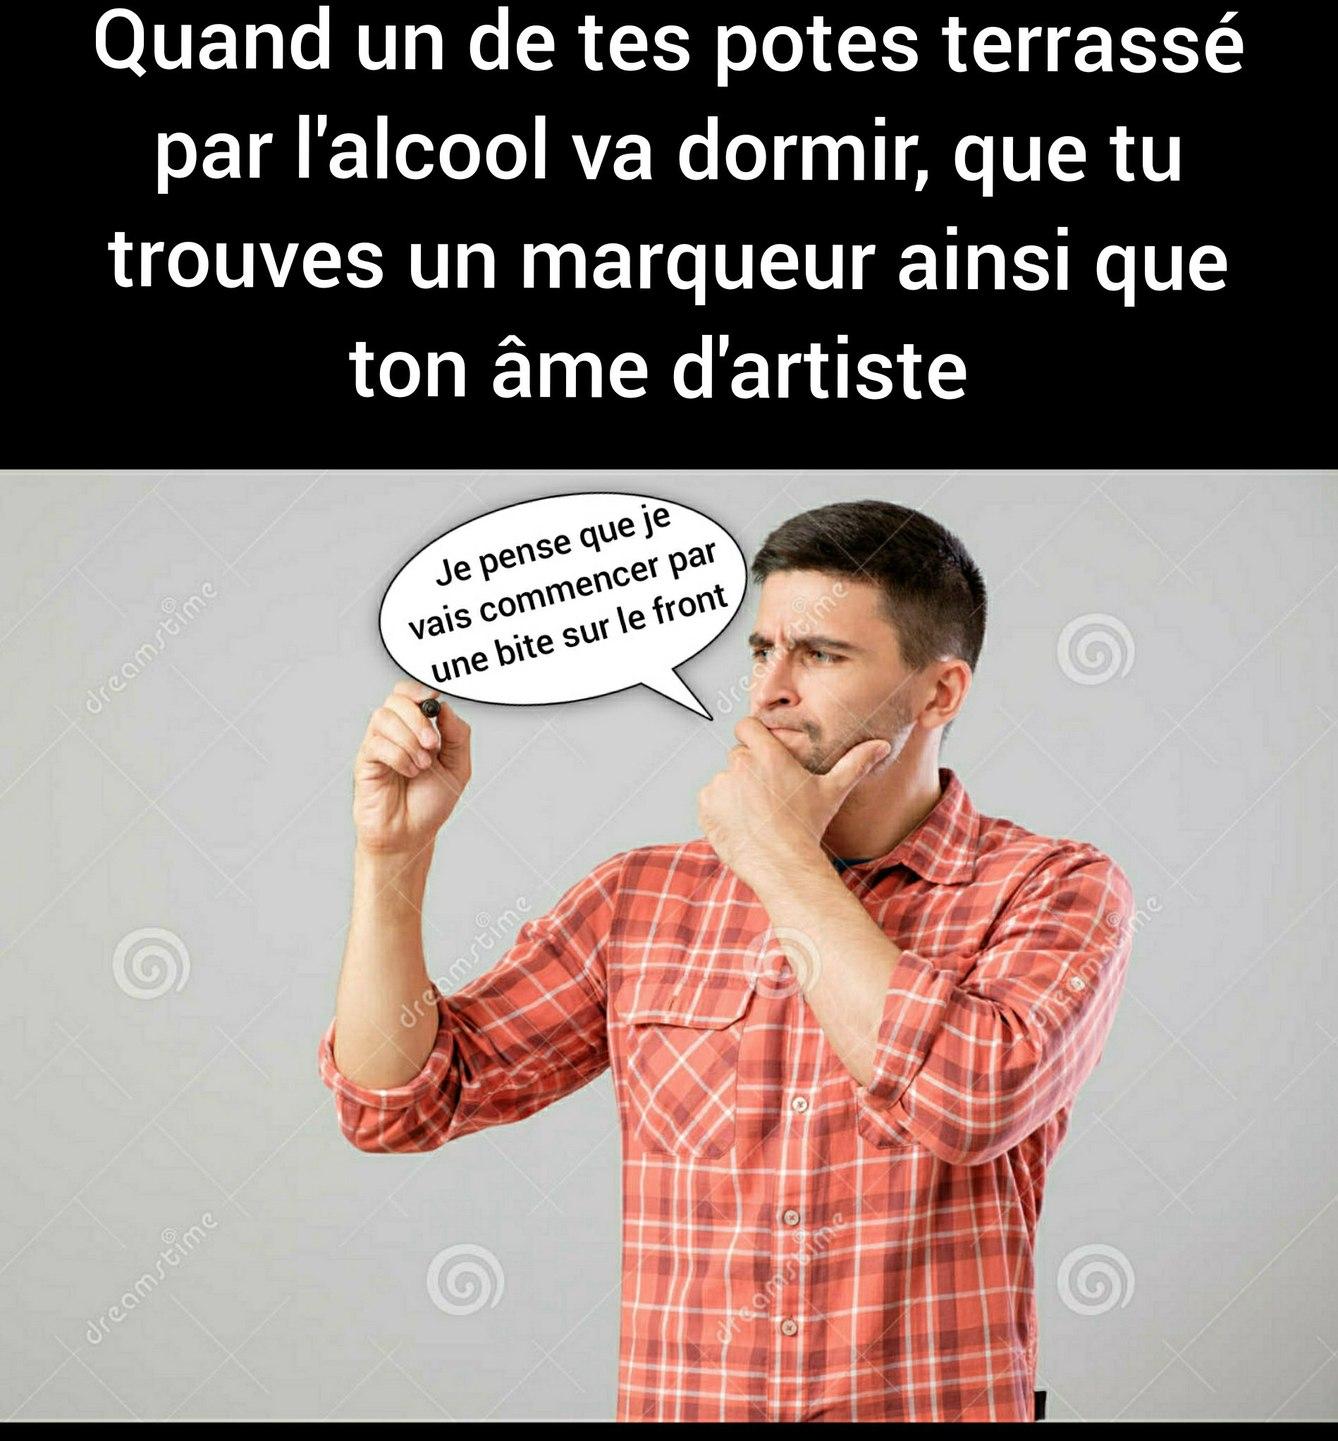 L Alcool C Est De L Eau Meme By Amazingtwo Memedroid